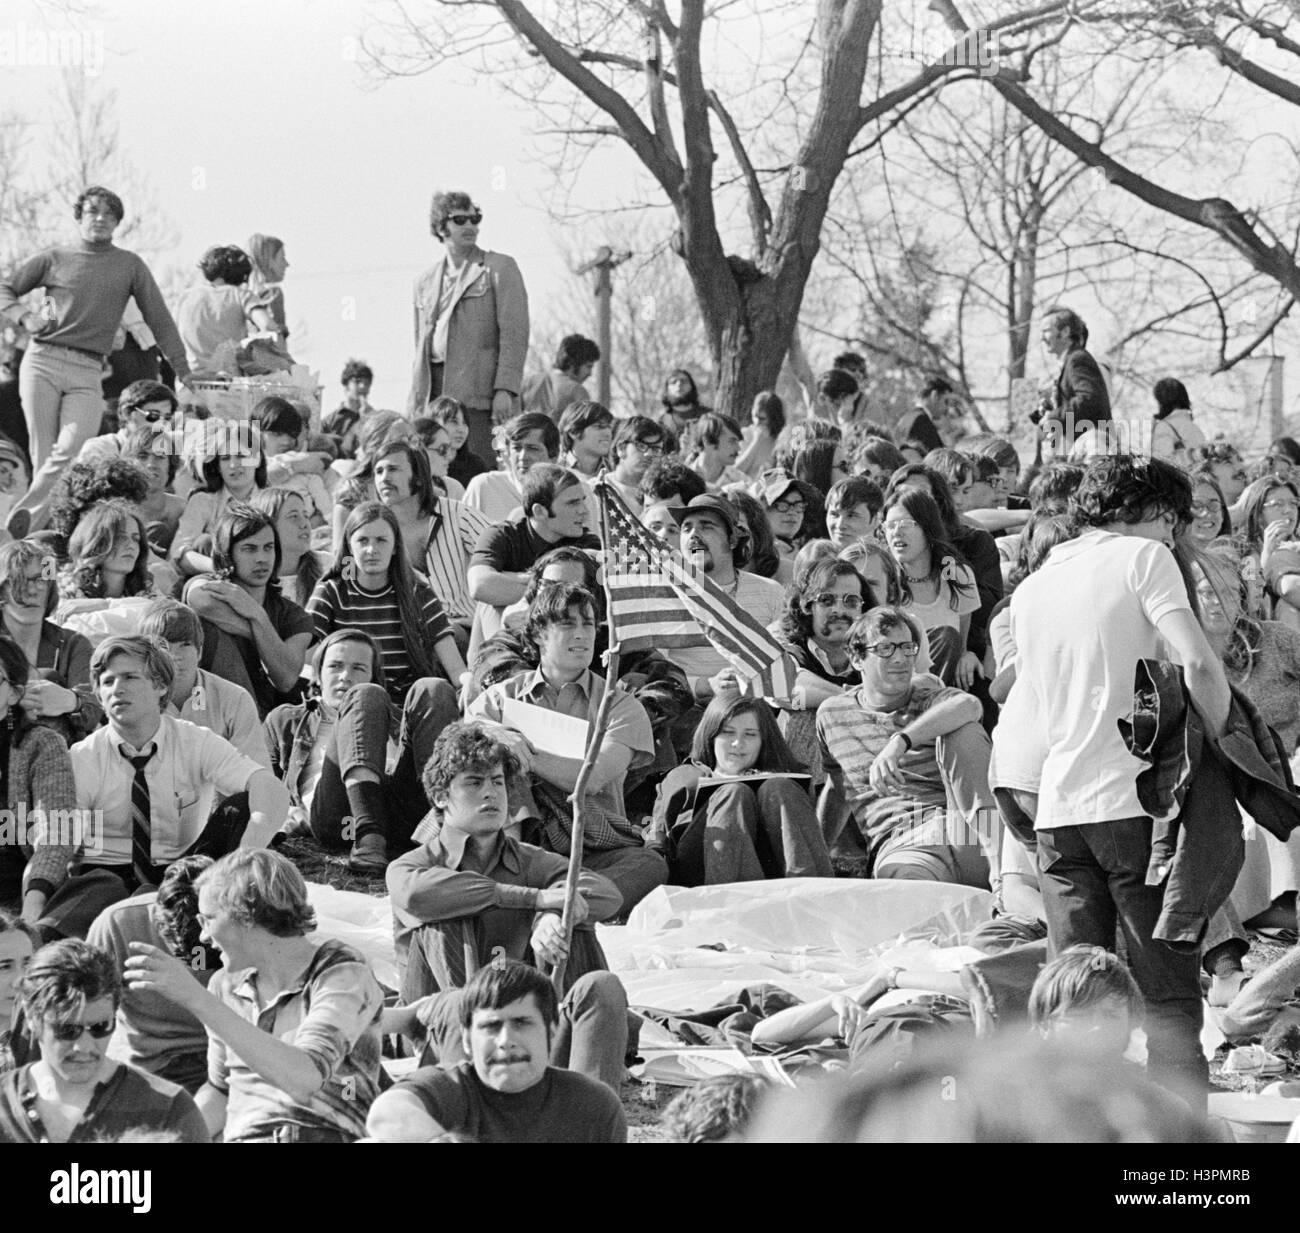 1970 22 avril 1970 foule assistant À LA PREMIÈRE CÉLÉBRATION DU JOUR DE LA TERRE PARC FAIRMONT Photo Stock